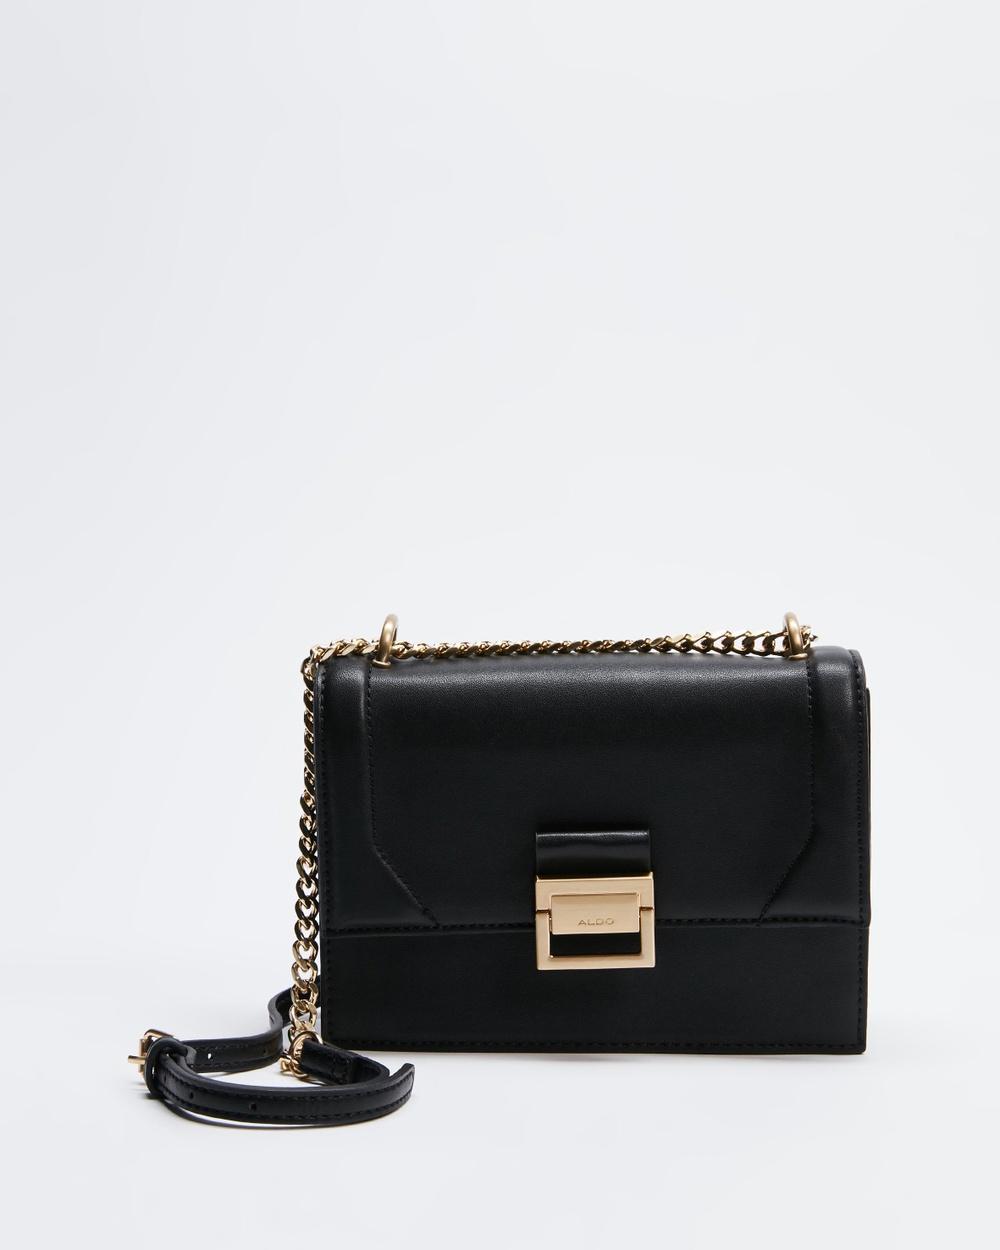 ALDO Pentzia Bags Black